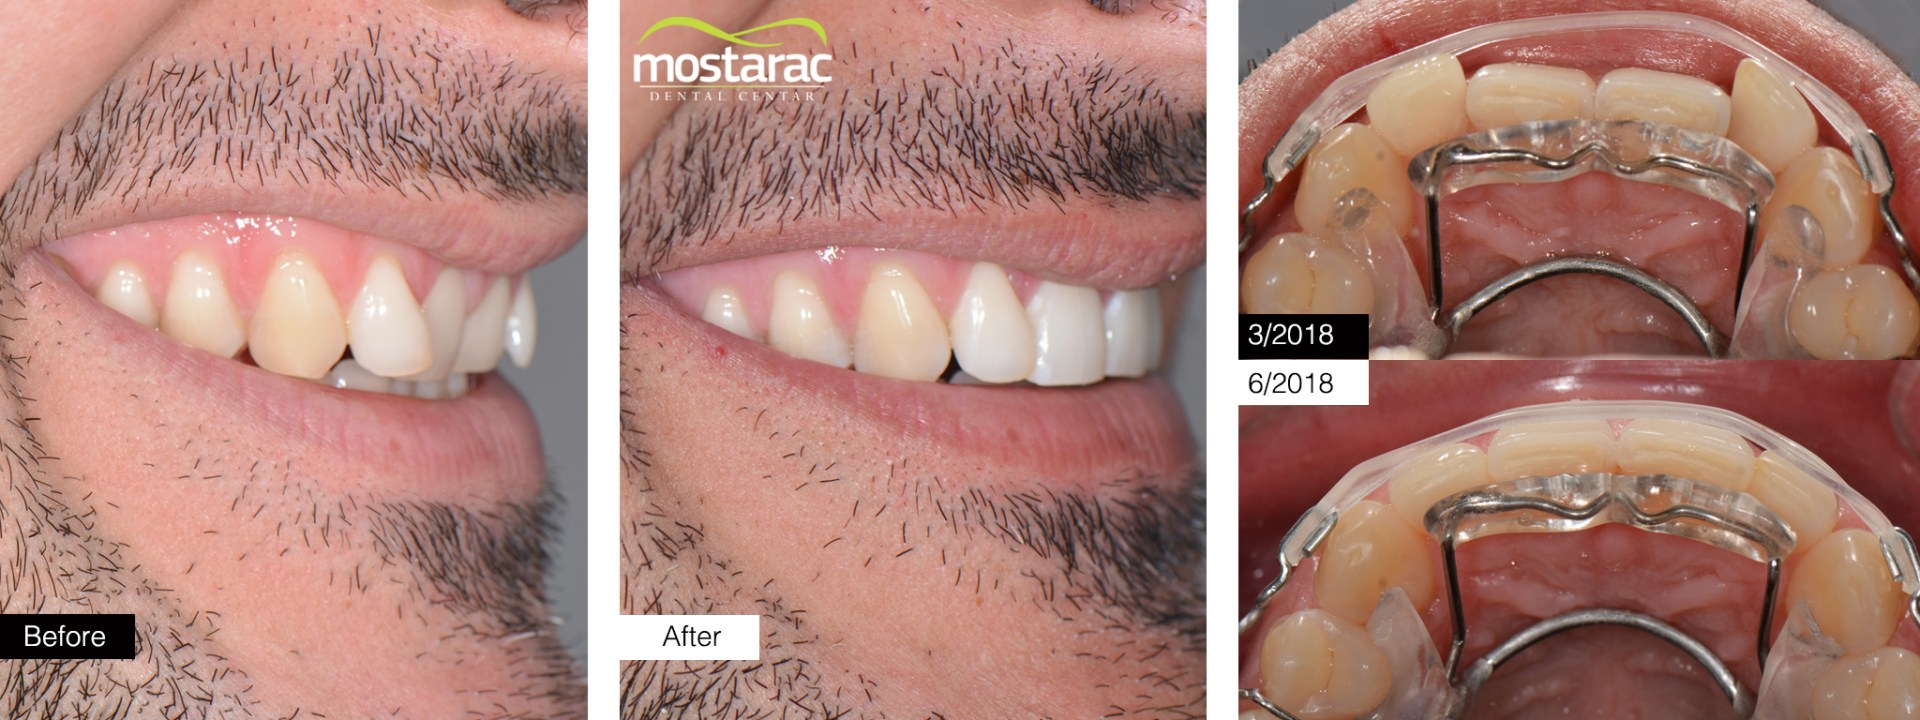 aparatic za zube prije poslije